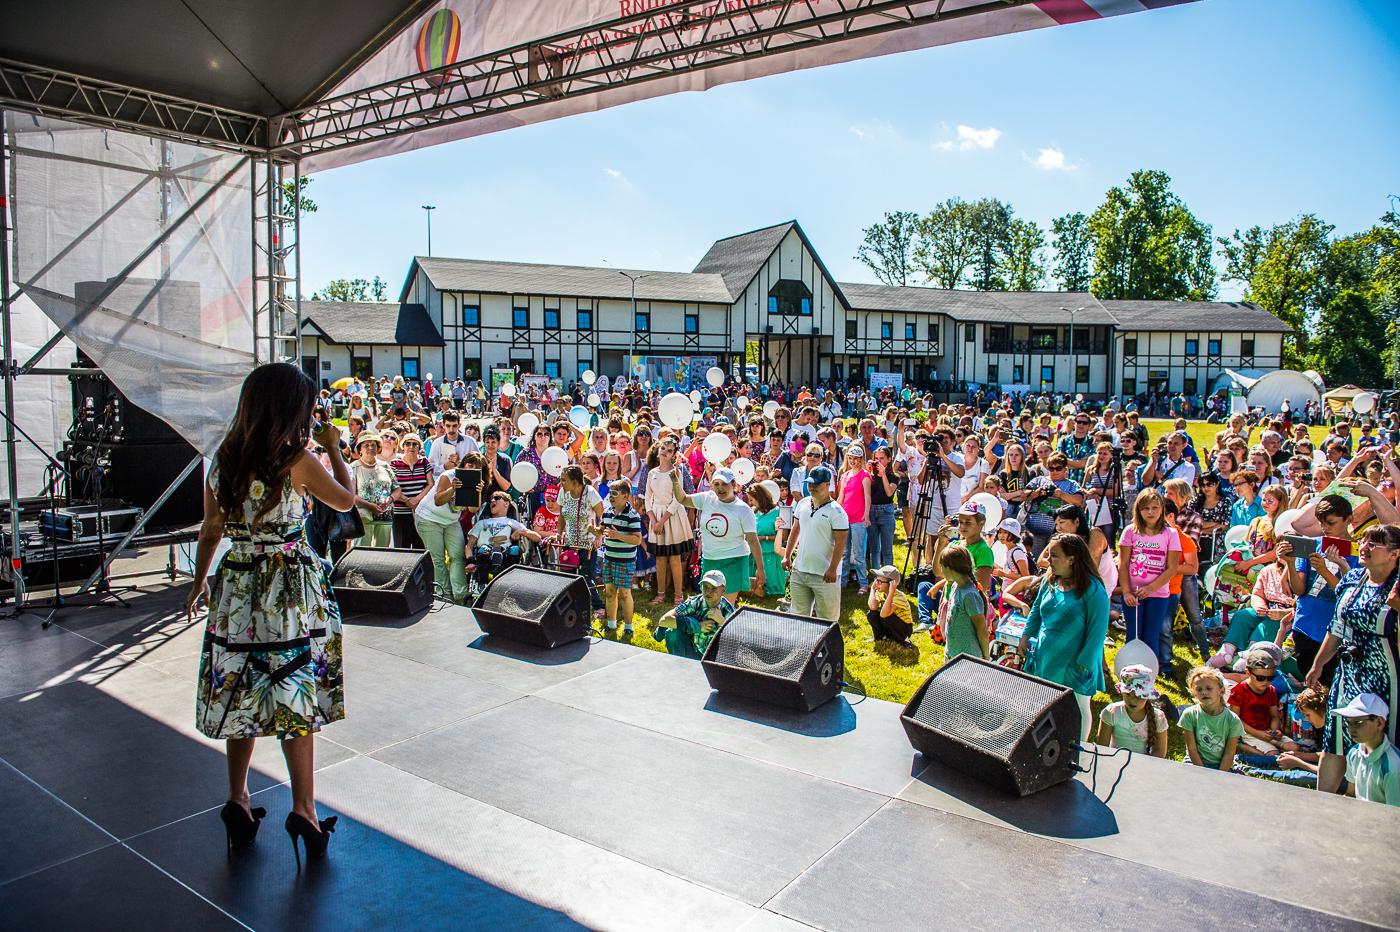 Фестиваль «В будущее без границ» пройдет в Одинцово2 июня 2018 года АРДИП